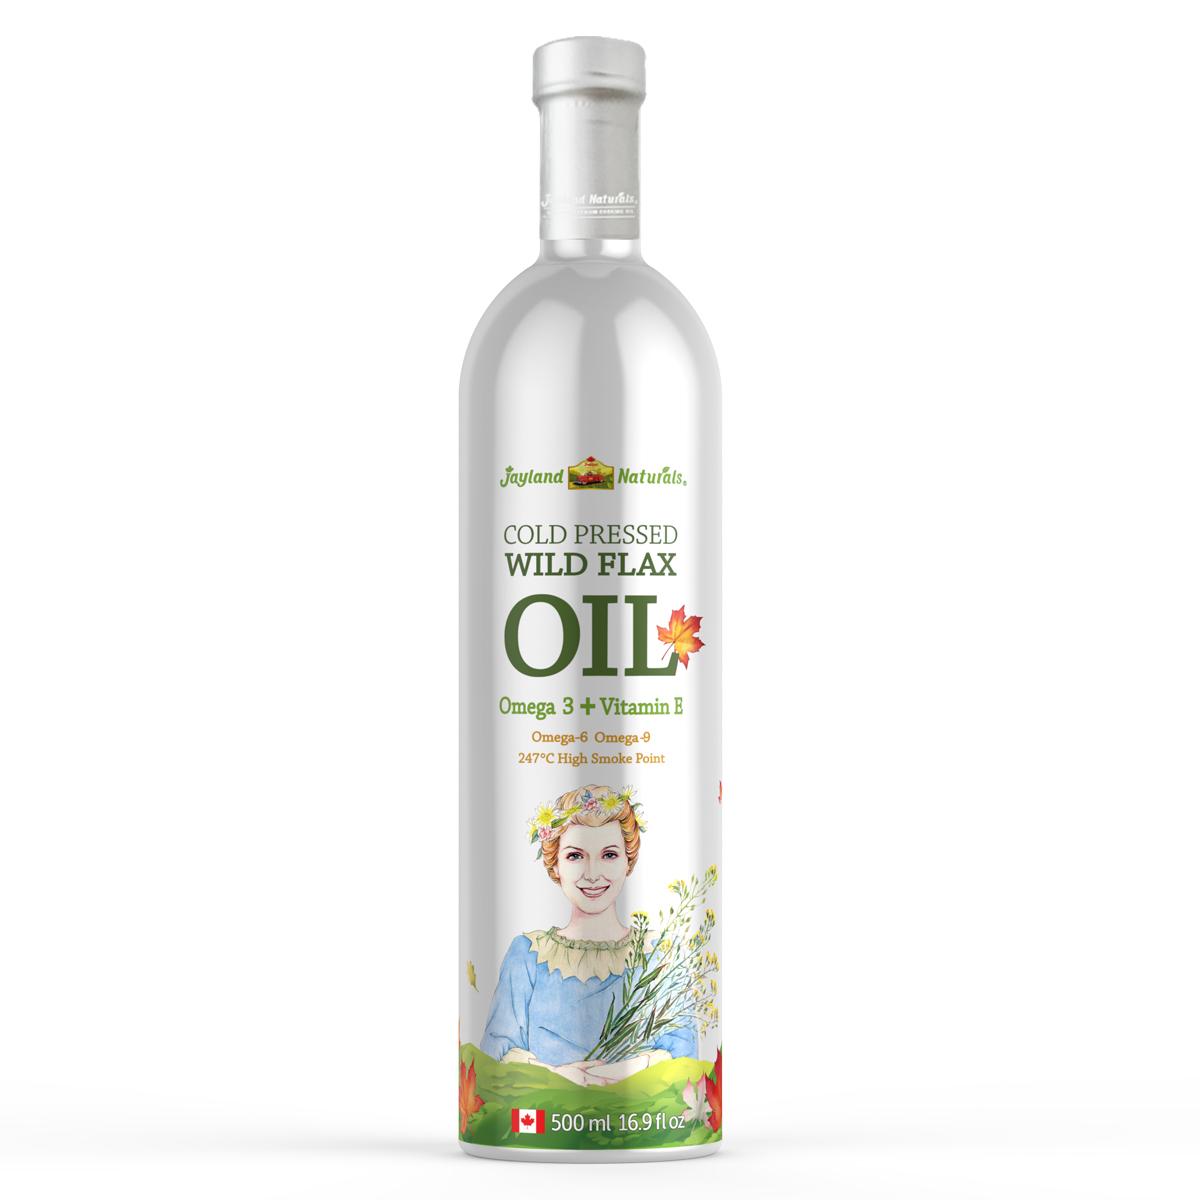 进口亚麻籽油加拿大农夫世嘉冷榨一级婴儿宝宝孕妇月子油500ml